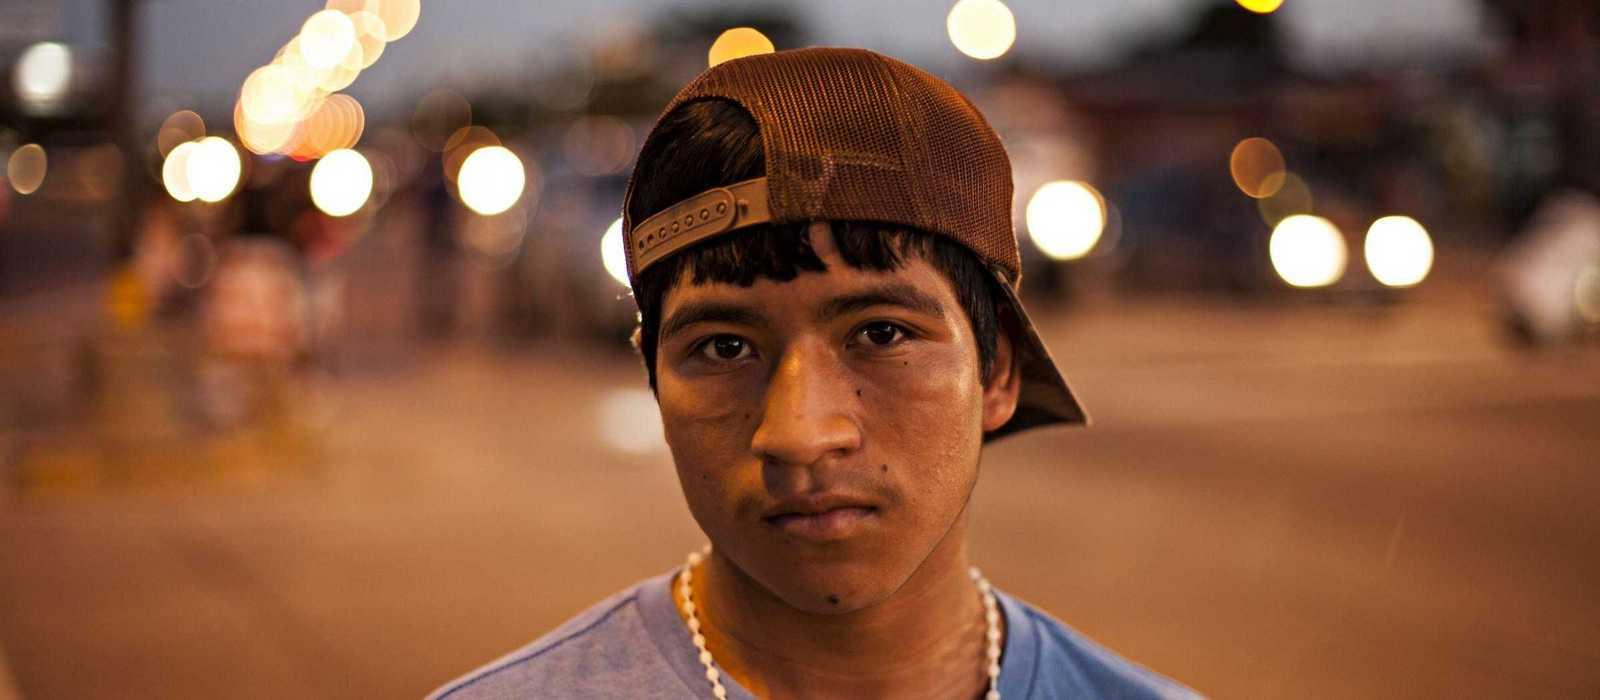 Armando bei Nacht auf einer beleuchteten Straße